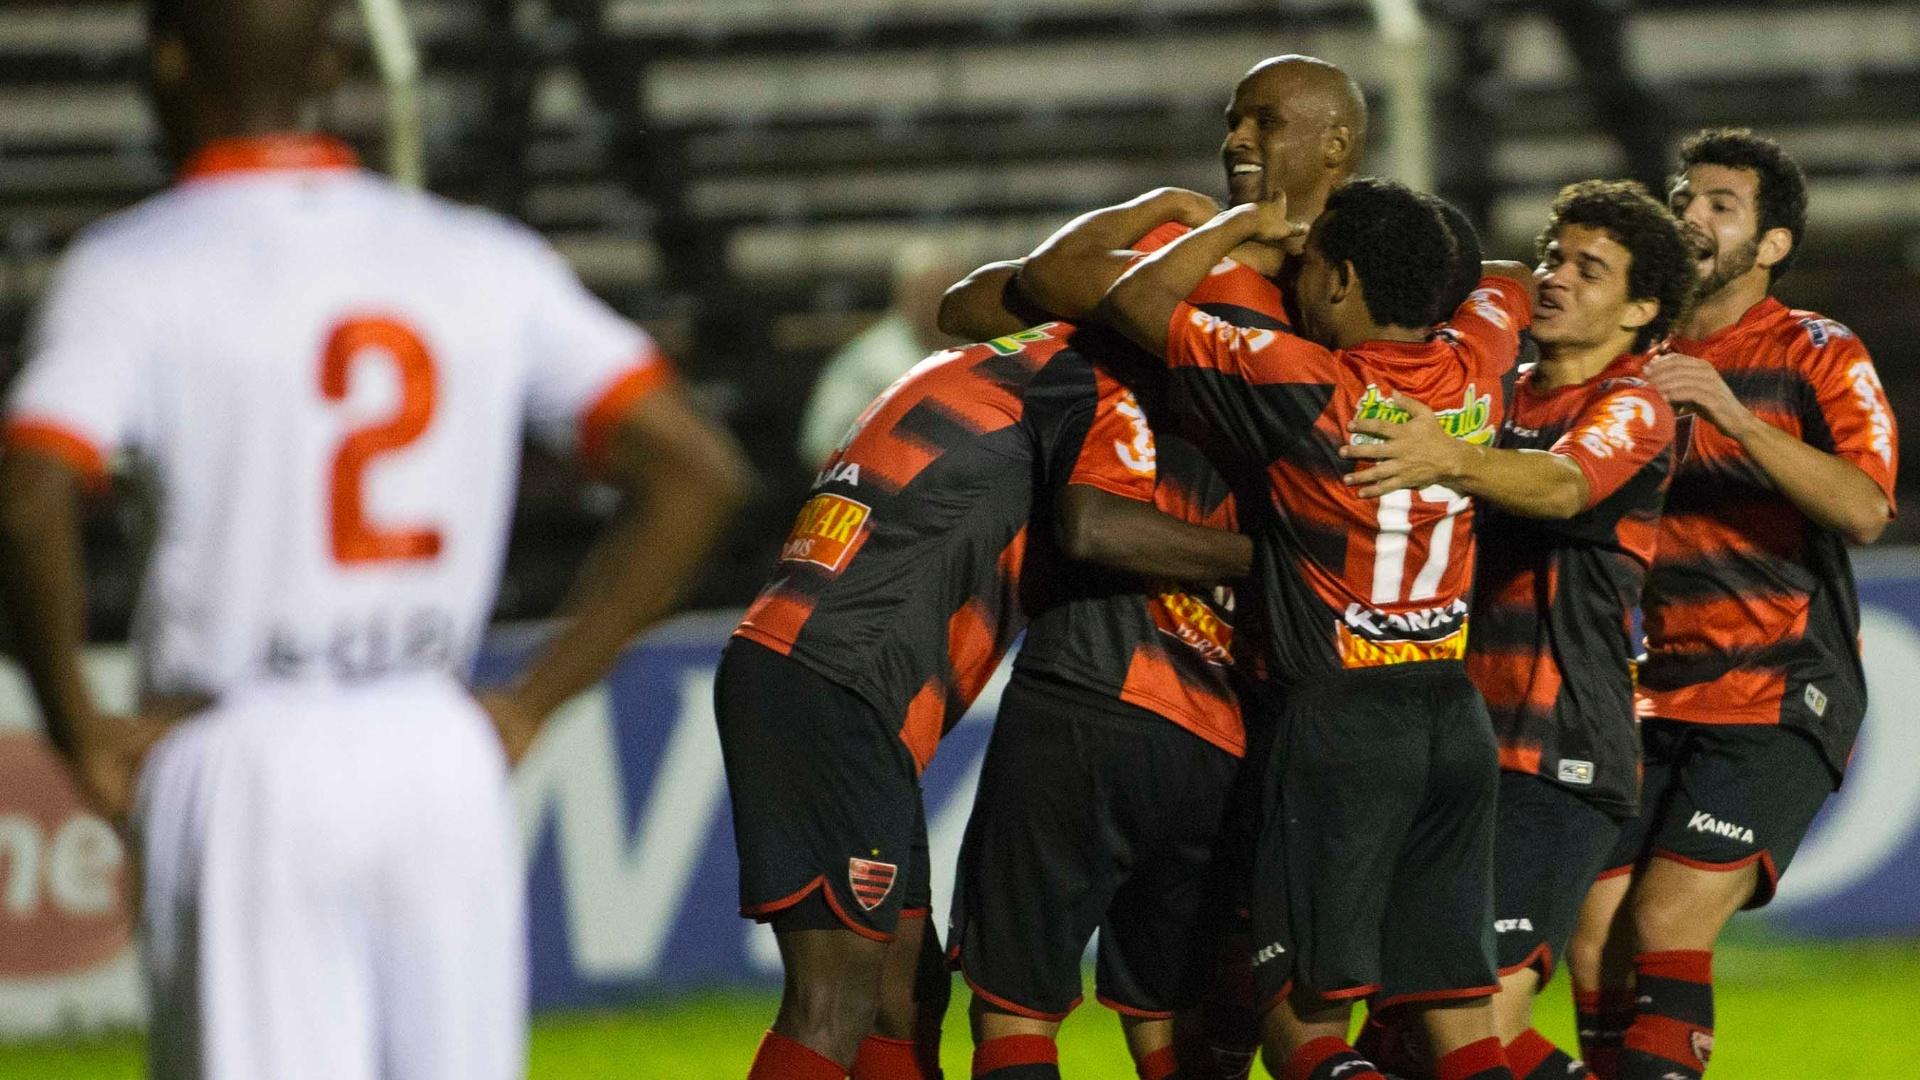 Jogadores do Oeste comemoram gol contra a Portuguesa